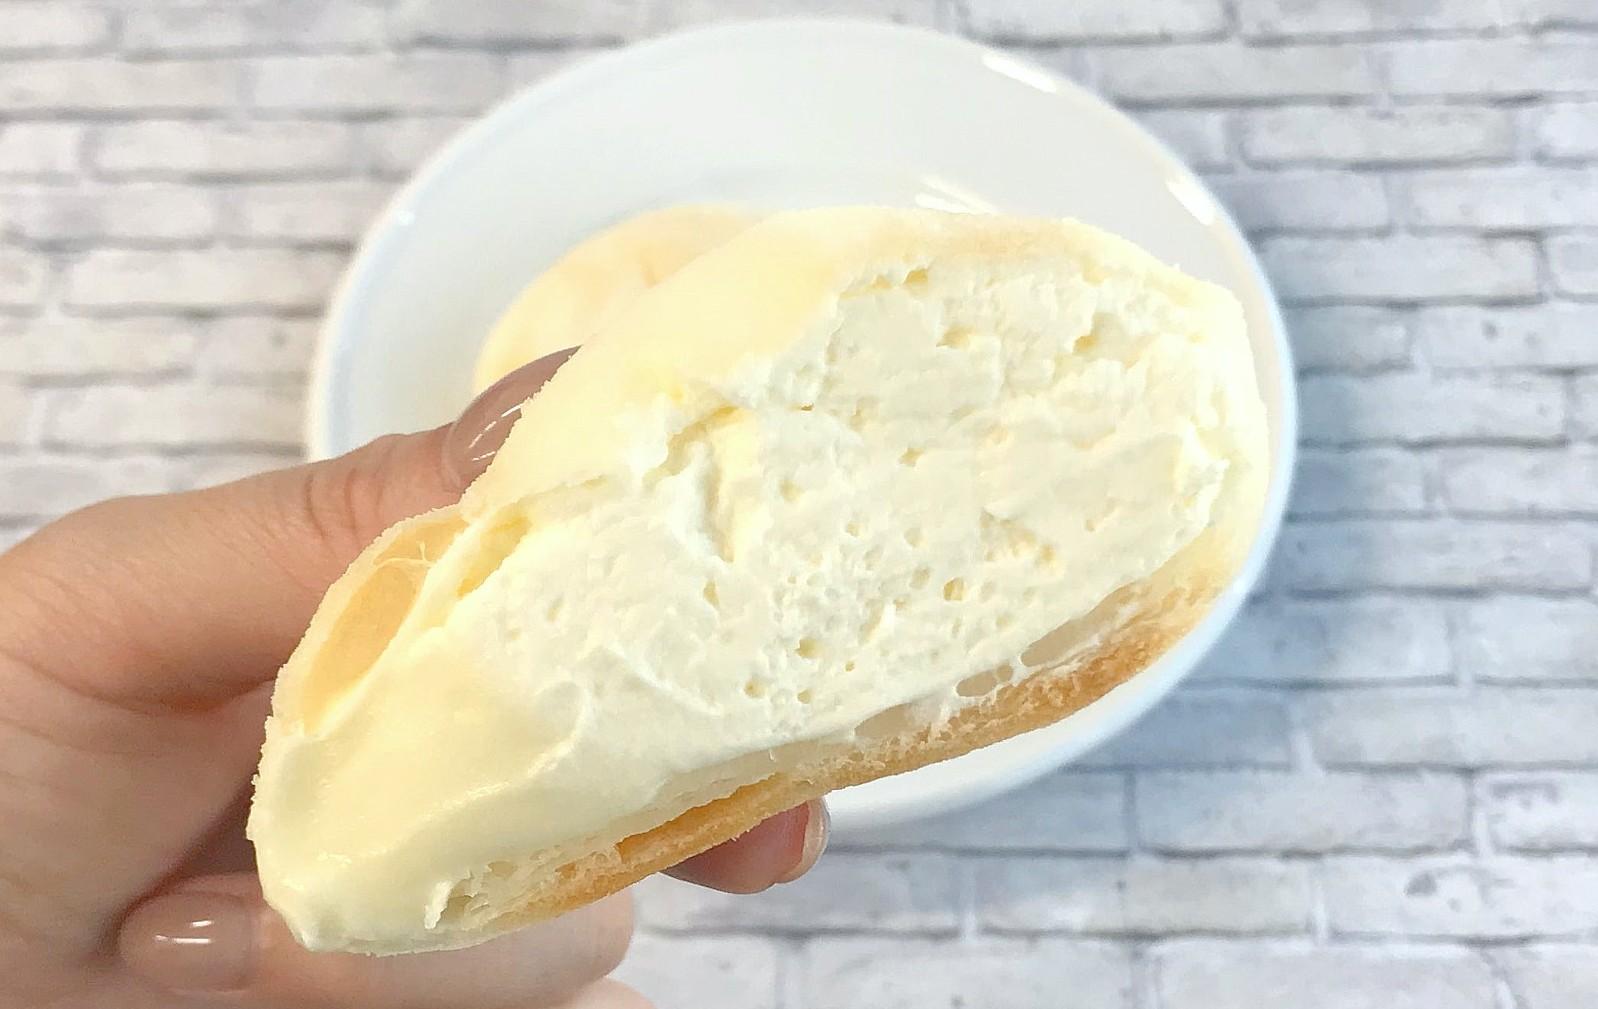 ローソン「ホボクリム-ほぼほぼクリームのシュー-」